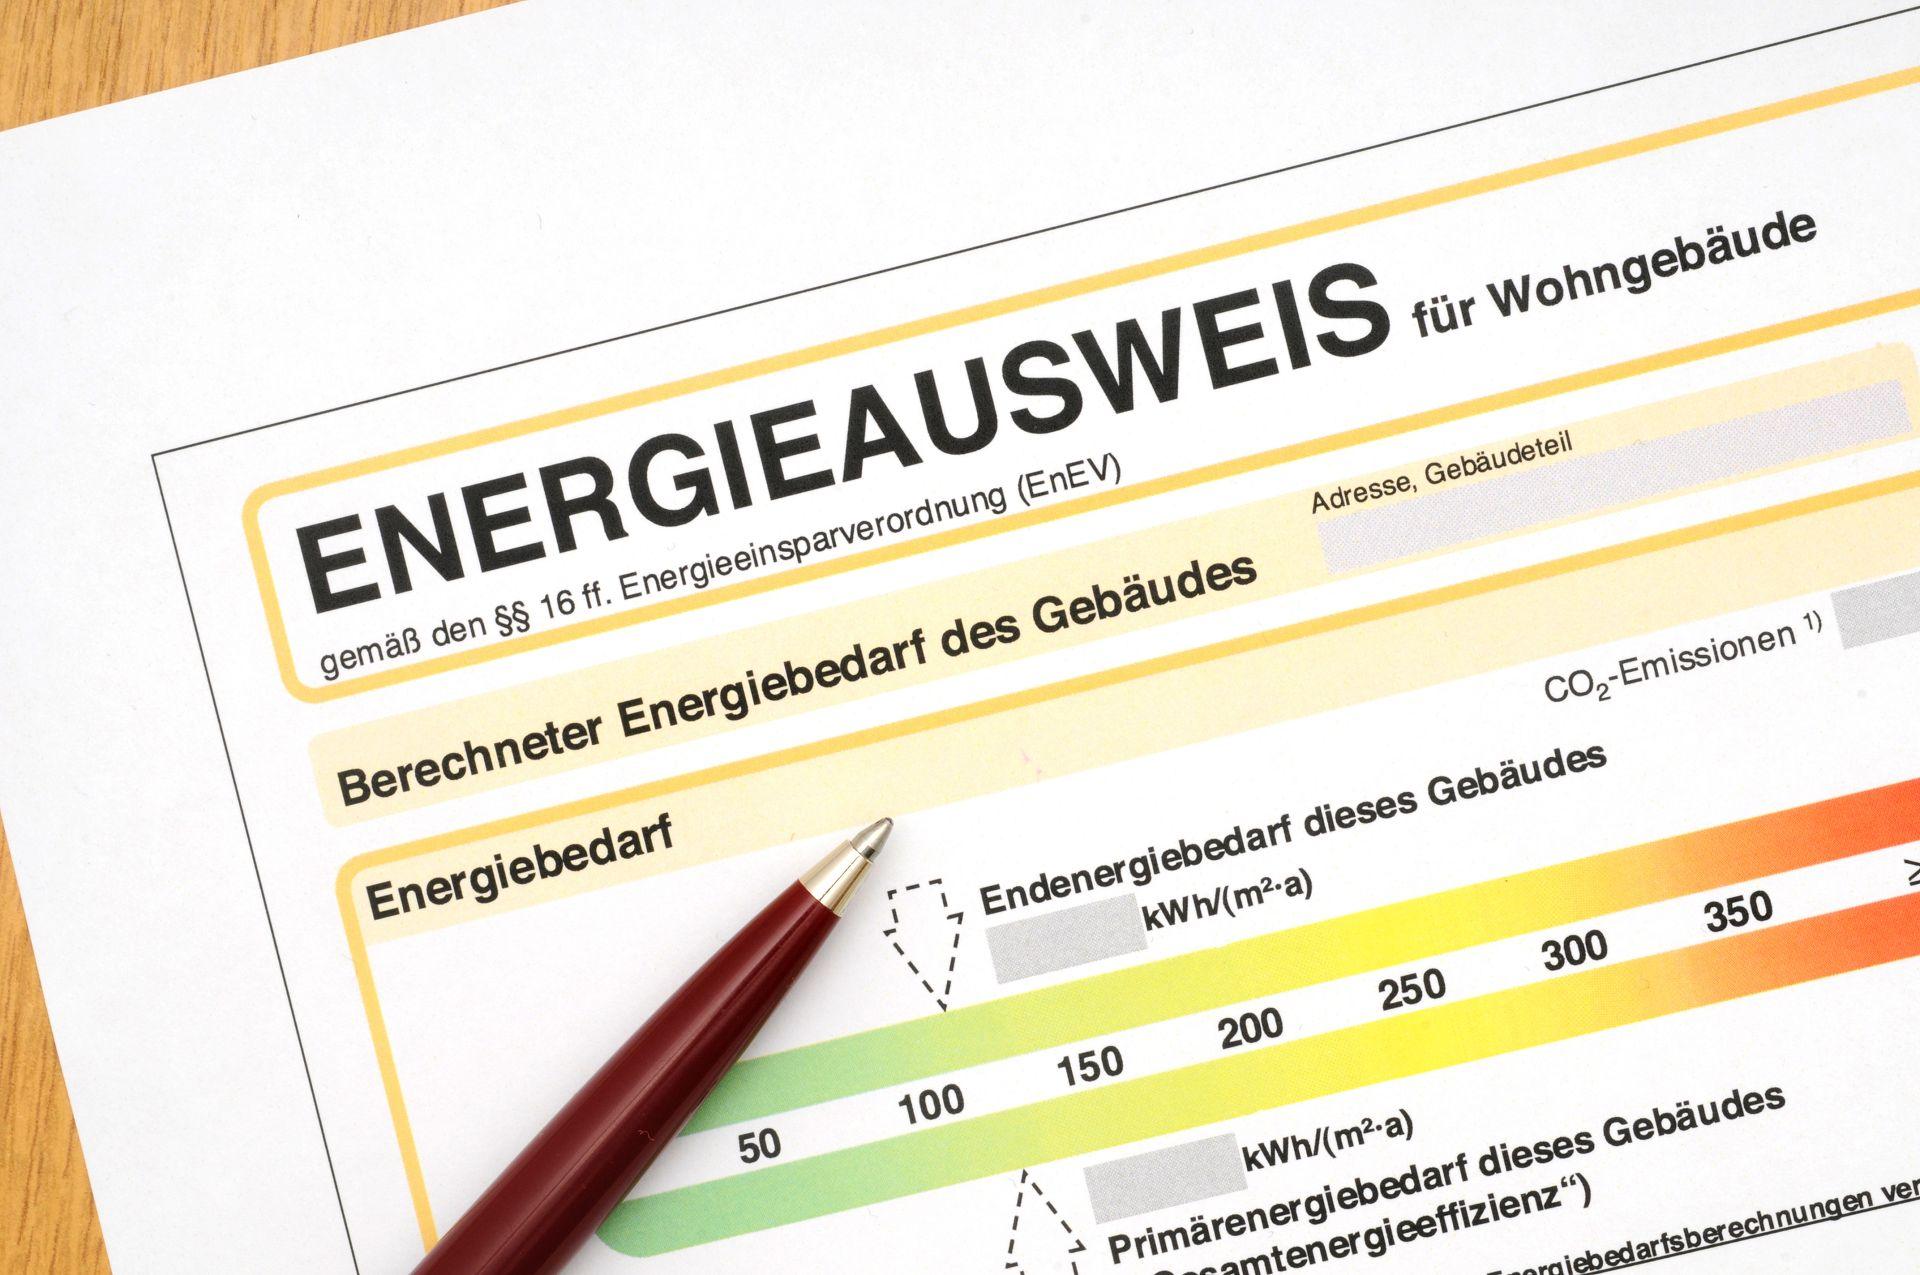 energieauswei - Energieeffizienz BW-Energie